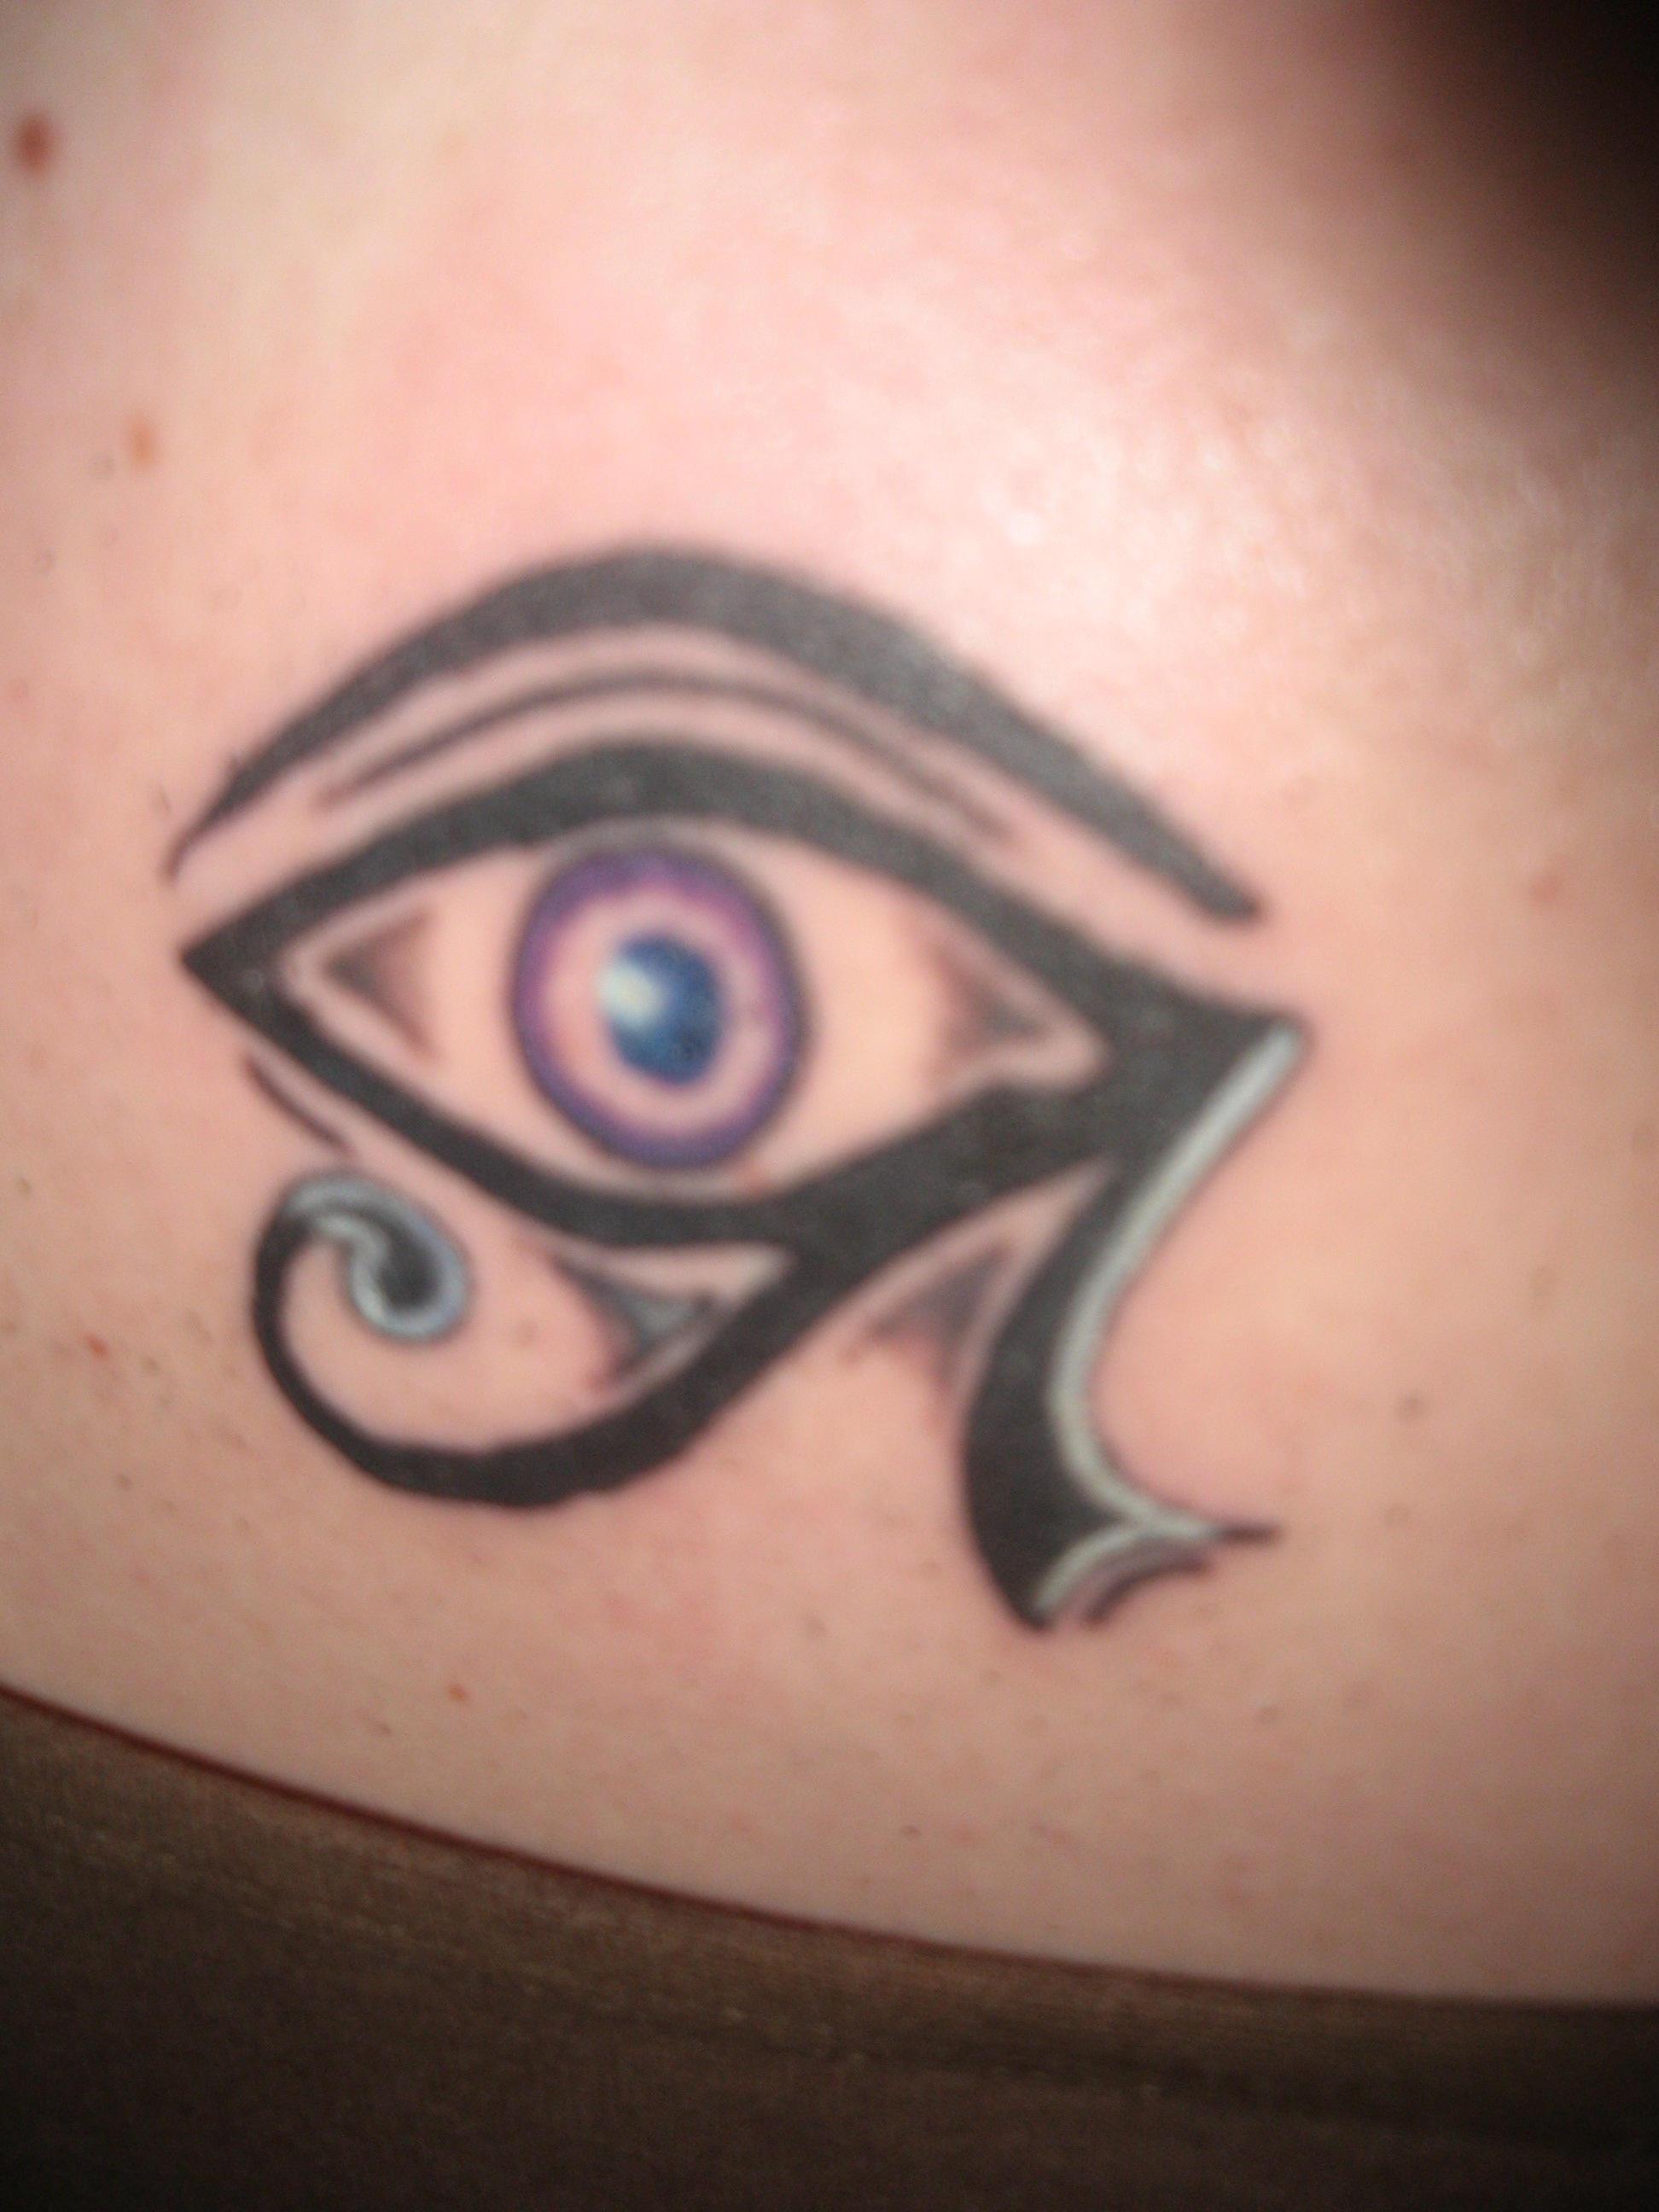 ra eye tattoo